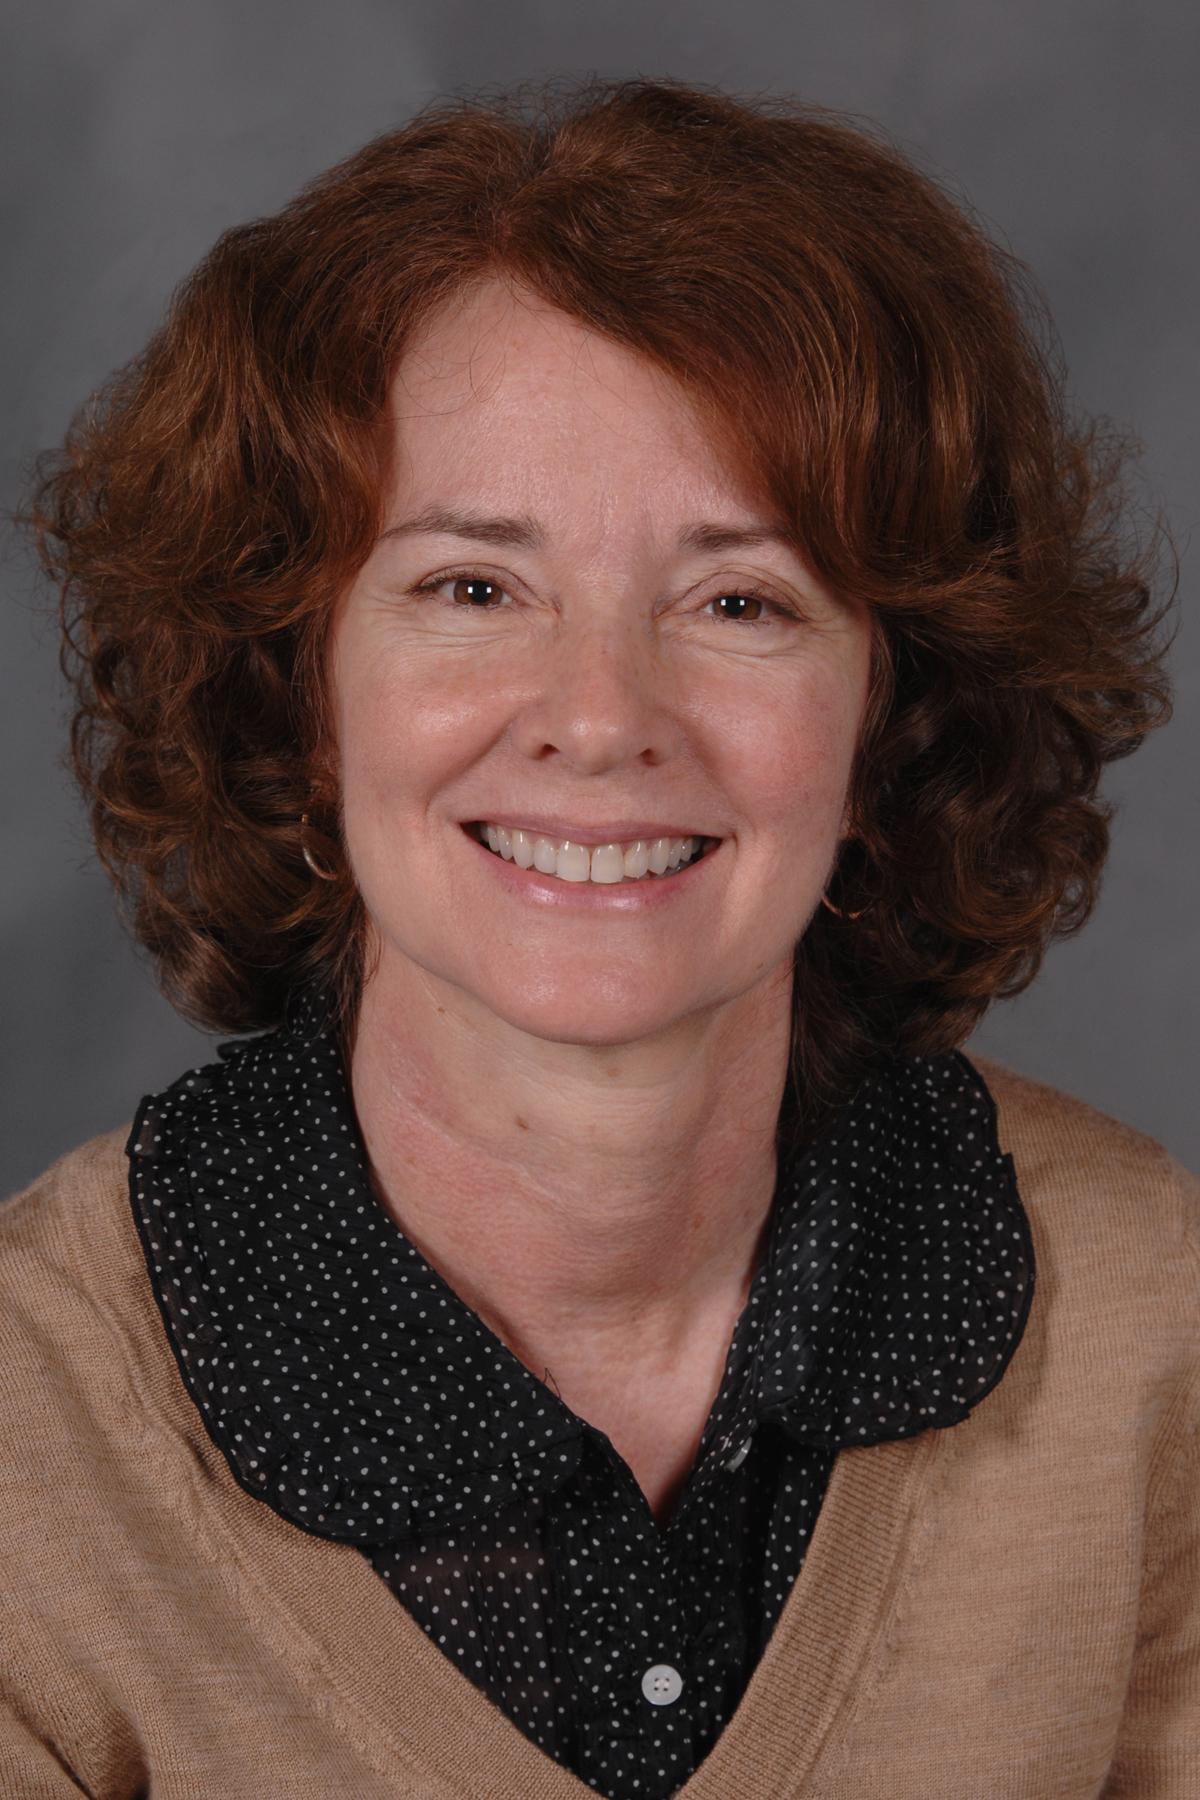 Pam Hutson, Arts College